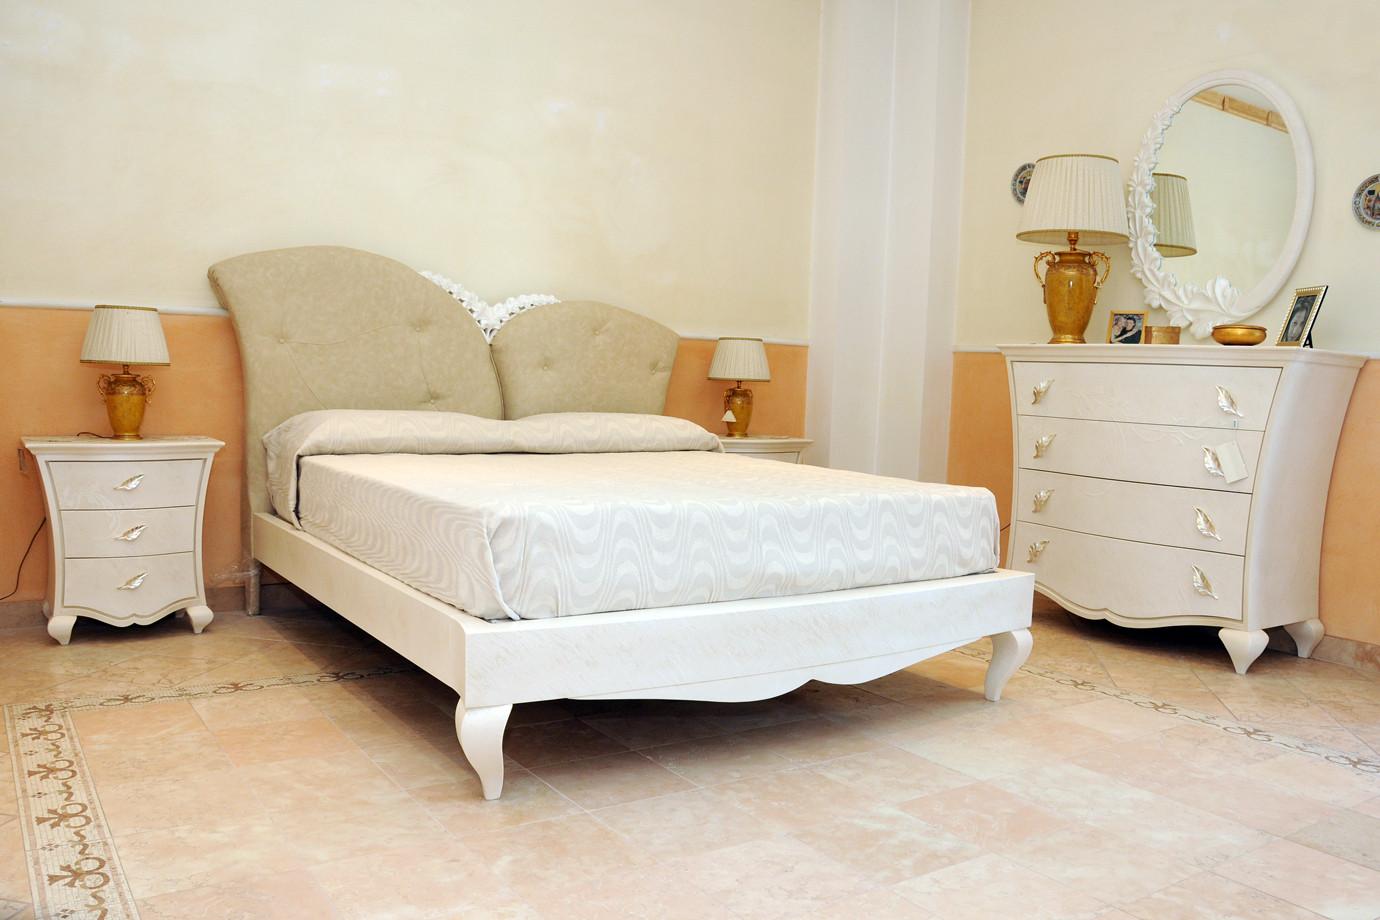 Camera da letto Maestri Artigiani - Mobili Casillo Castellammare di ...